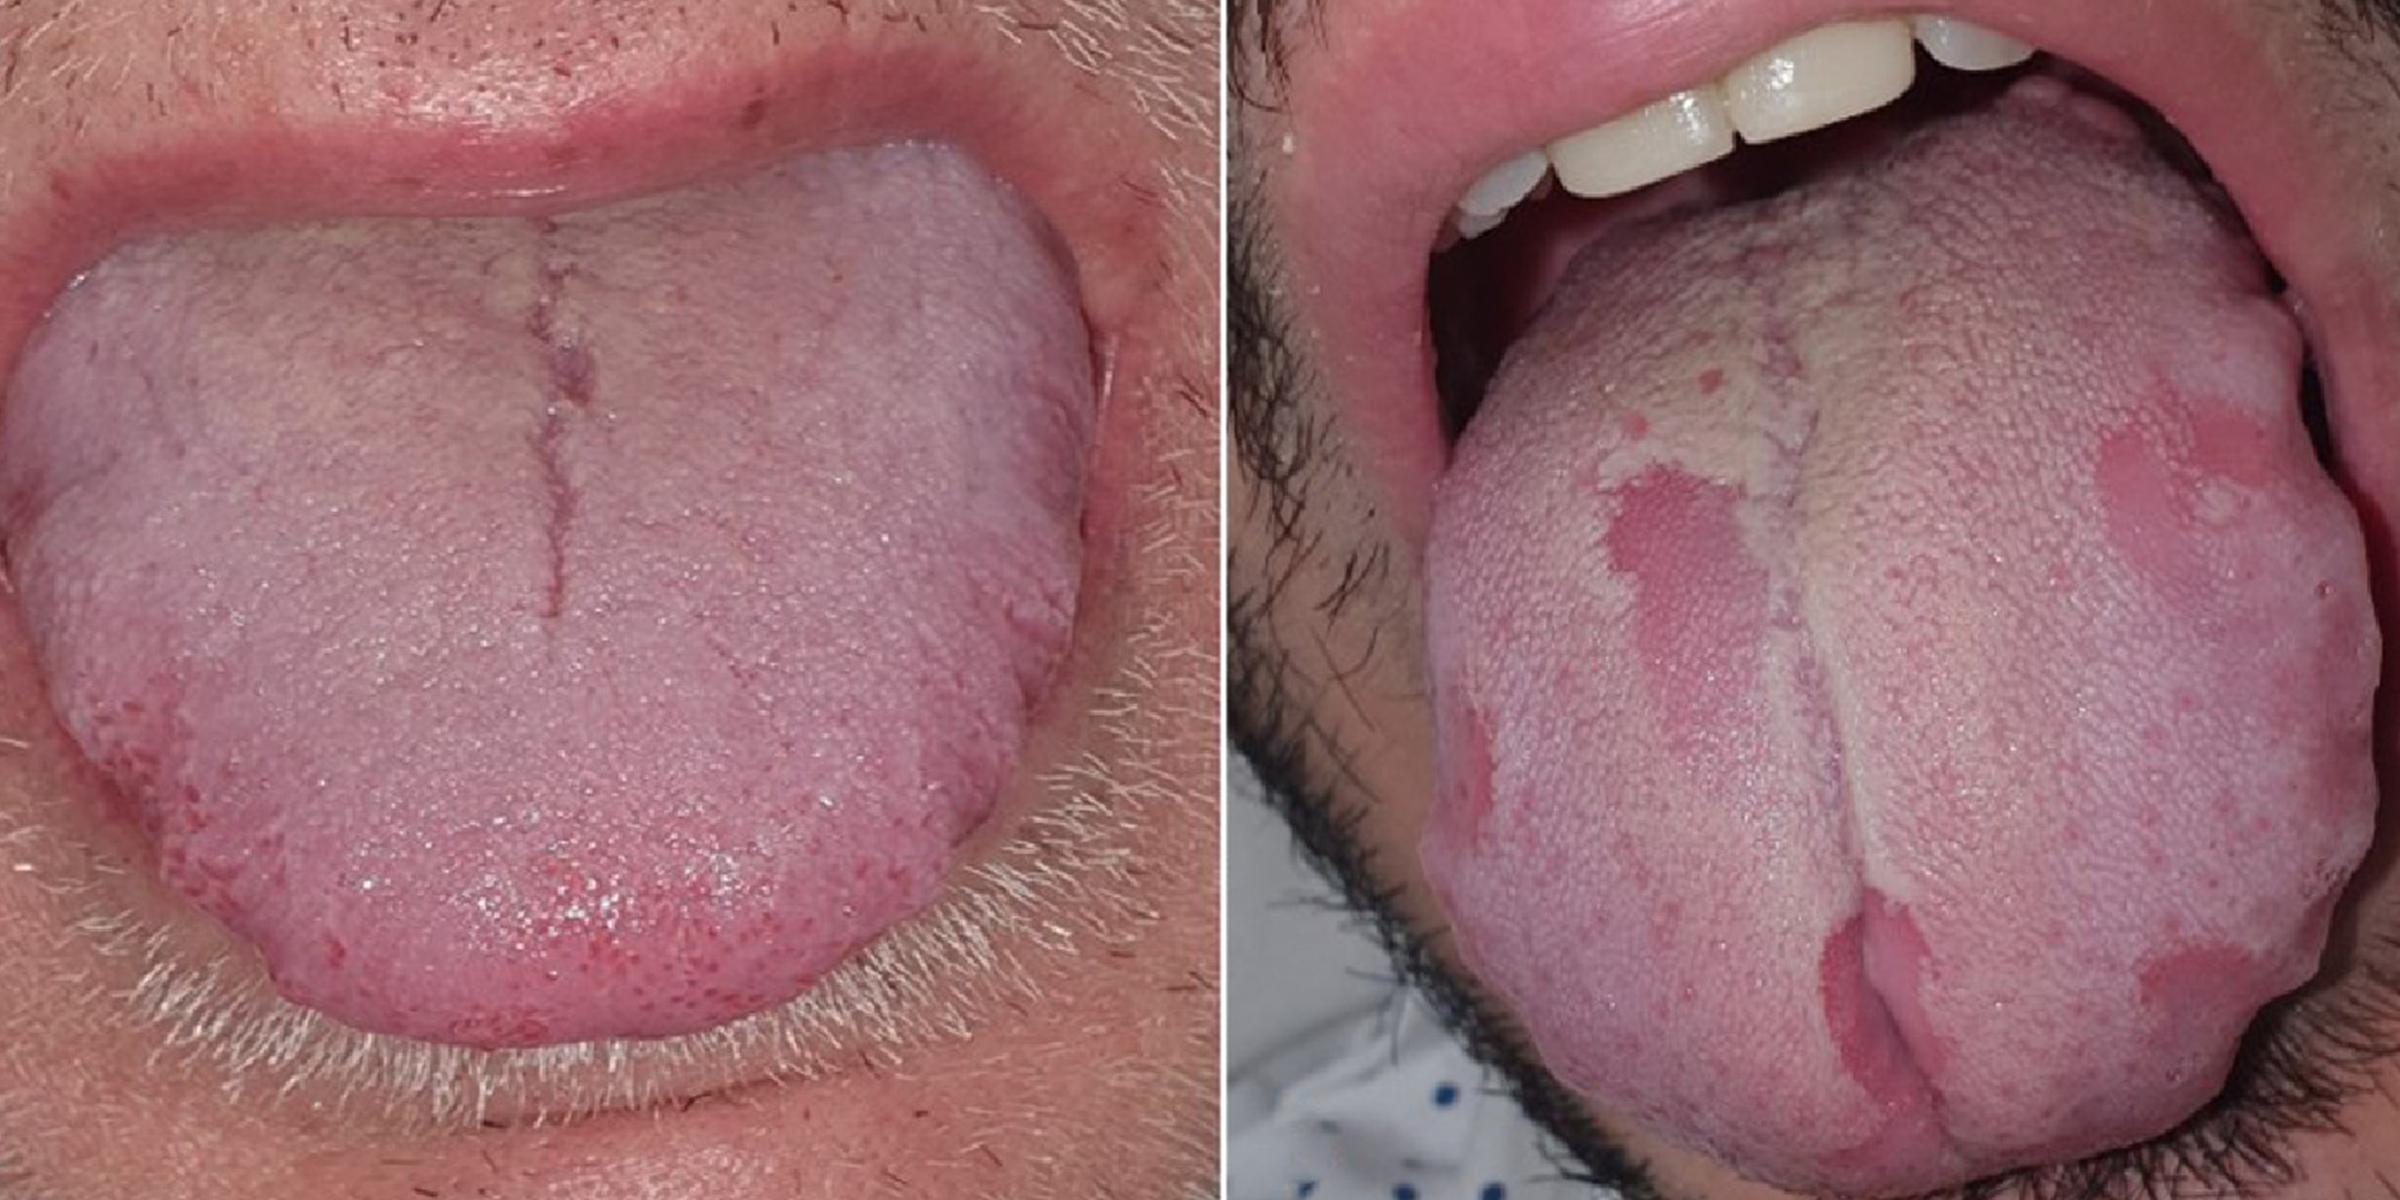 Bubble under tongue